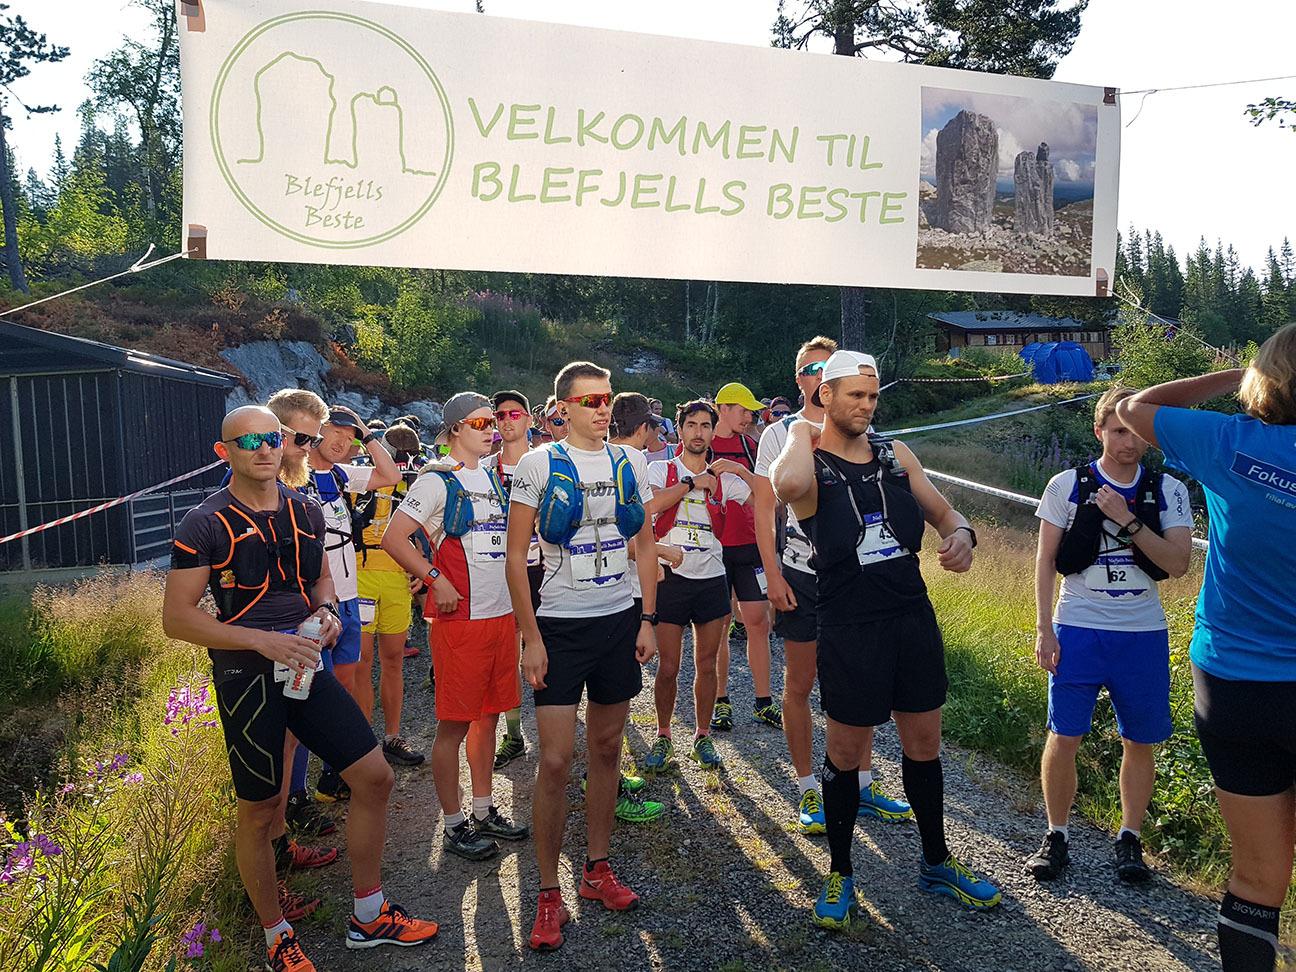 Blefjell57-start.jpg